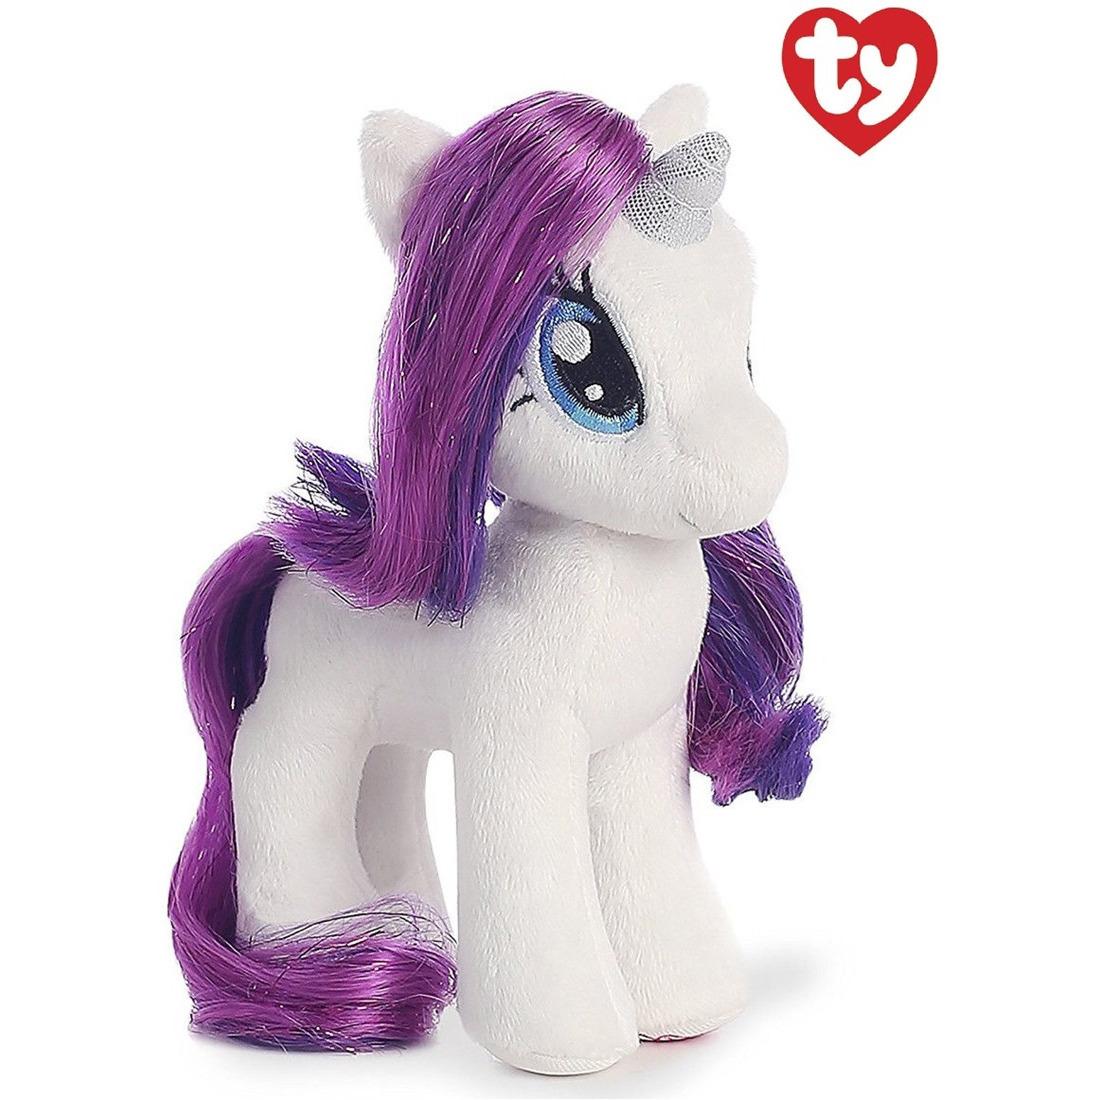 Witte Ty Beanie paard/pony knuffels Rarity 41 cm knuffeldieren